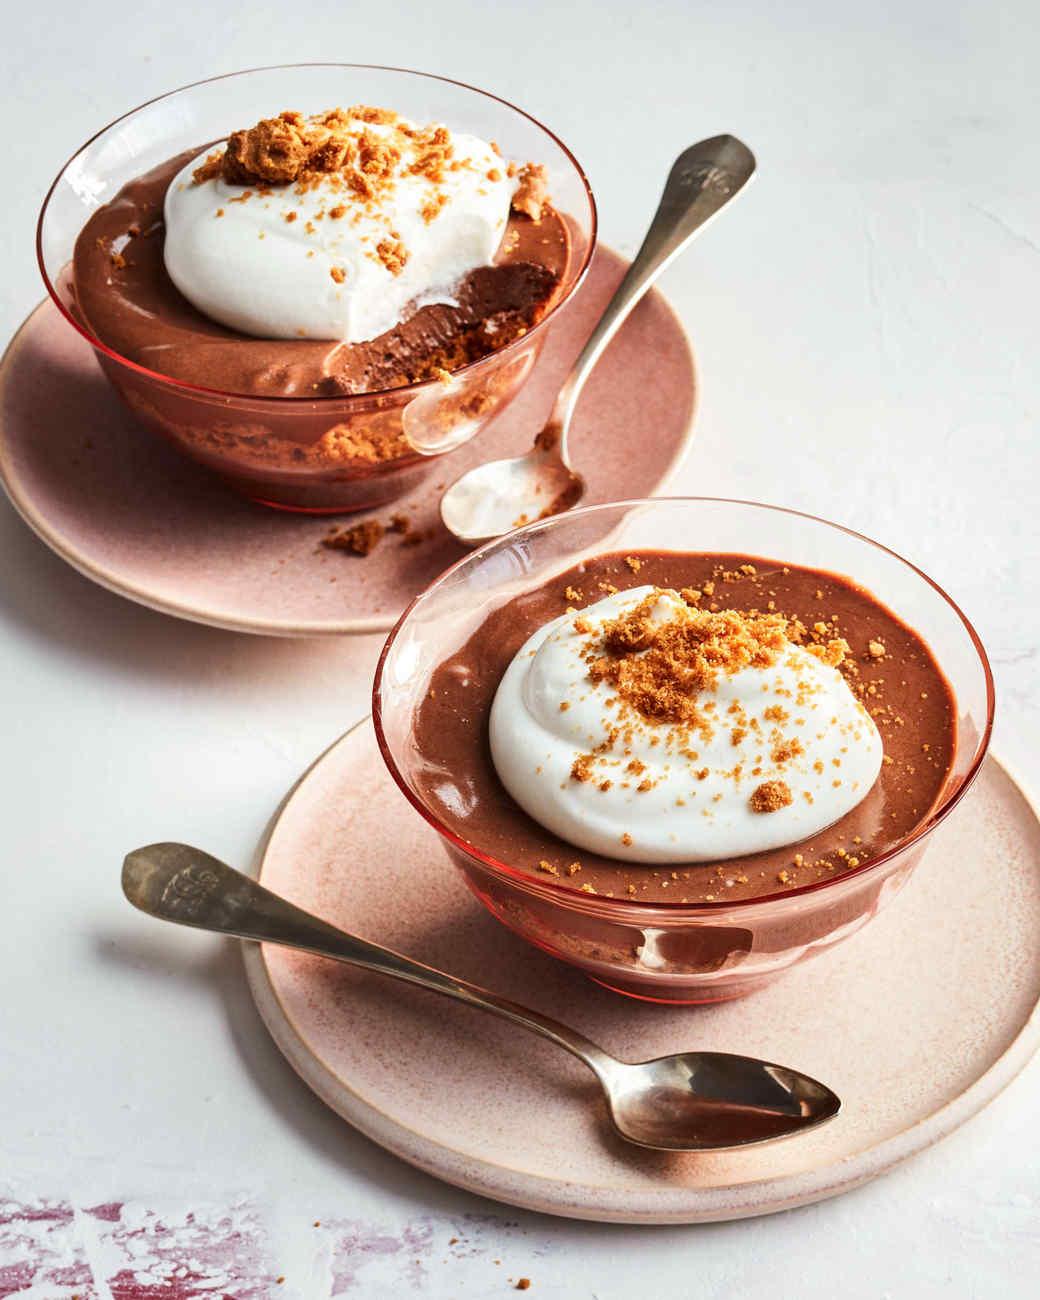 Chocolate-Mousse Parfait Desserts